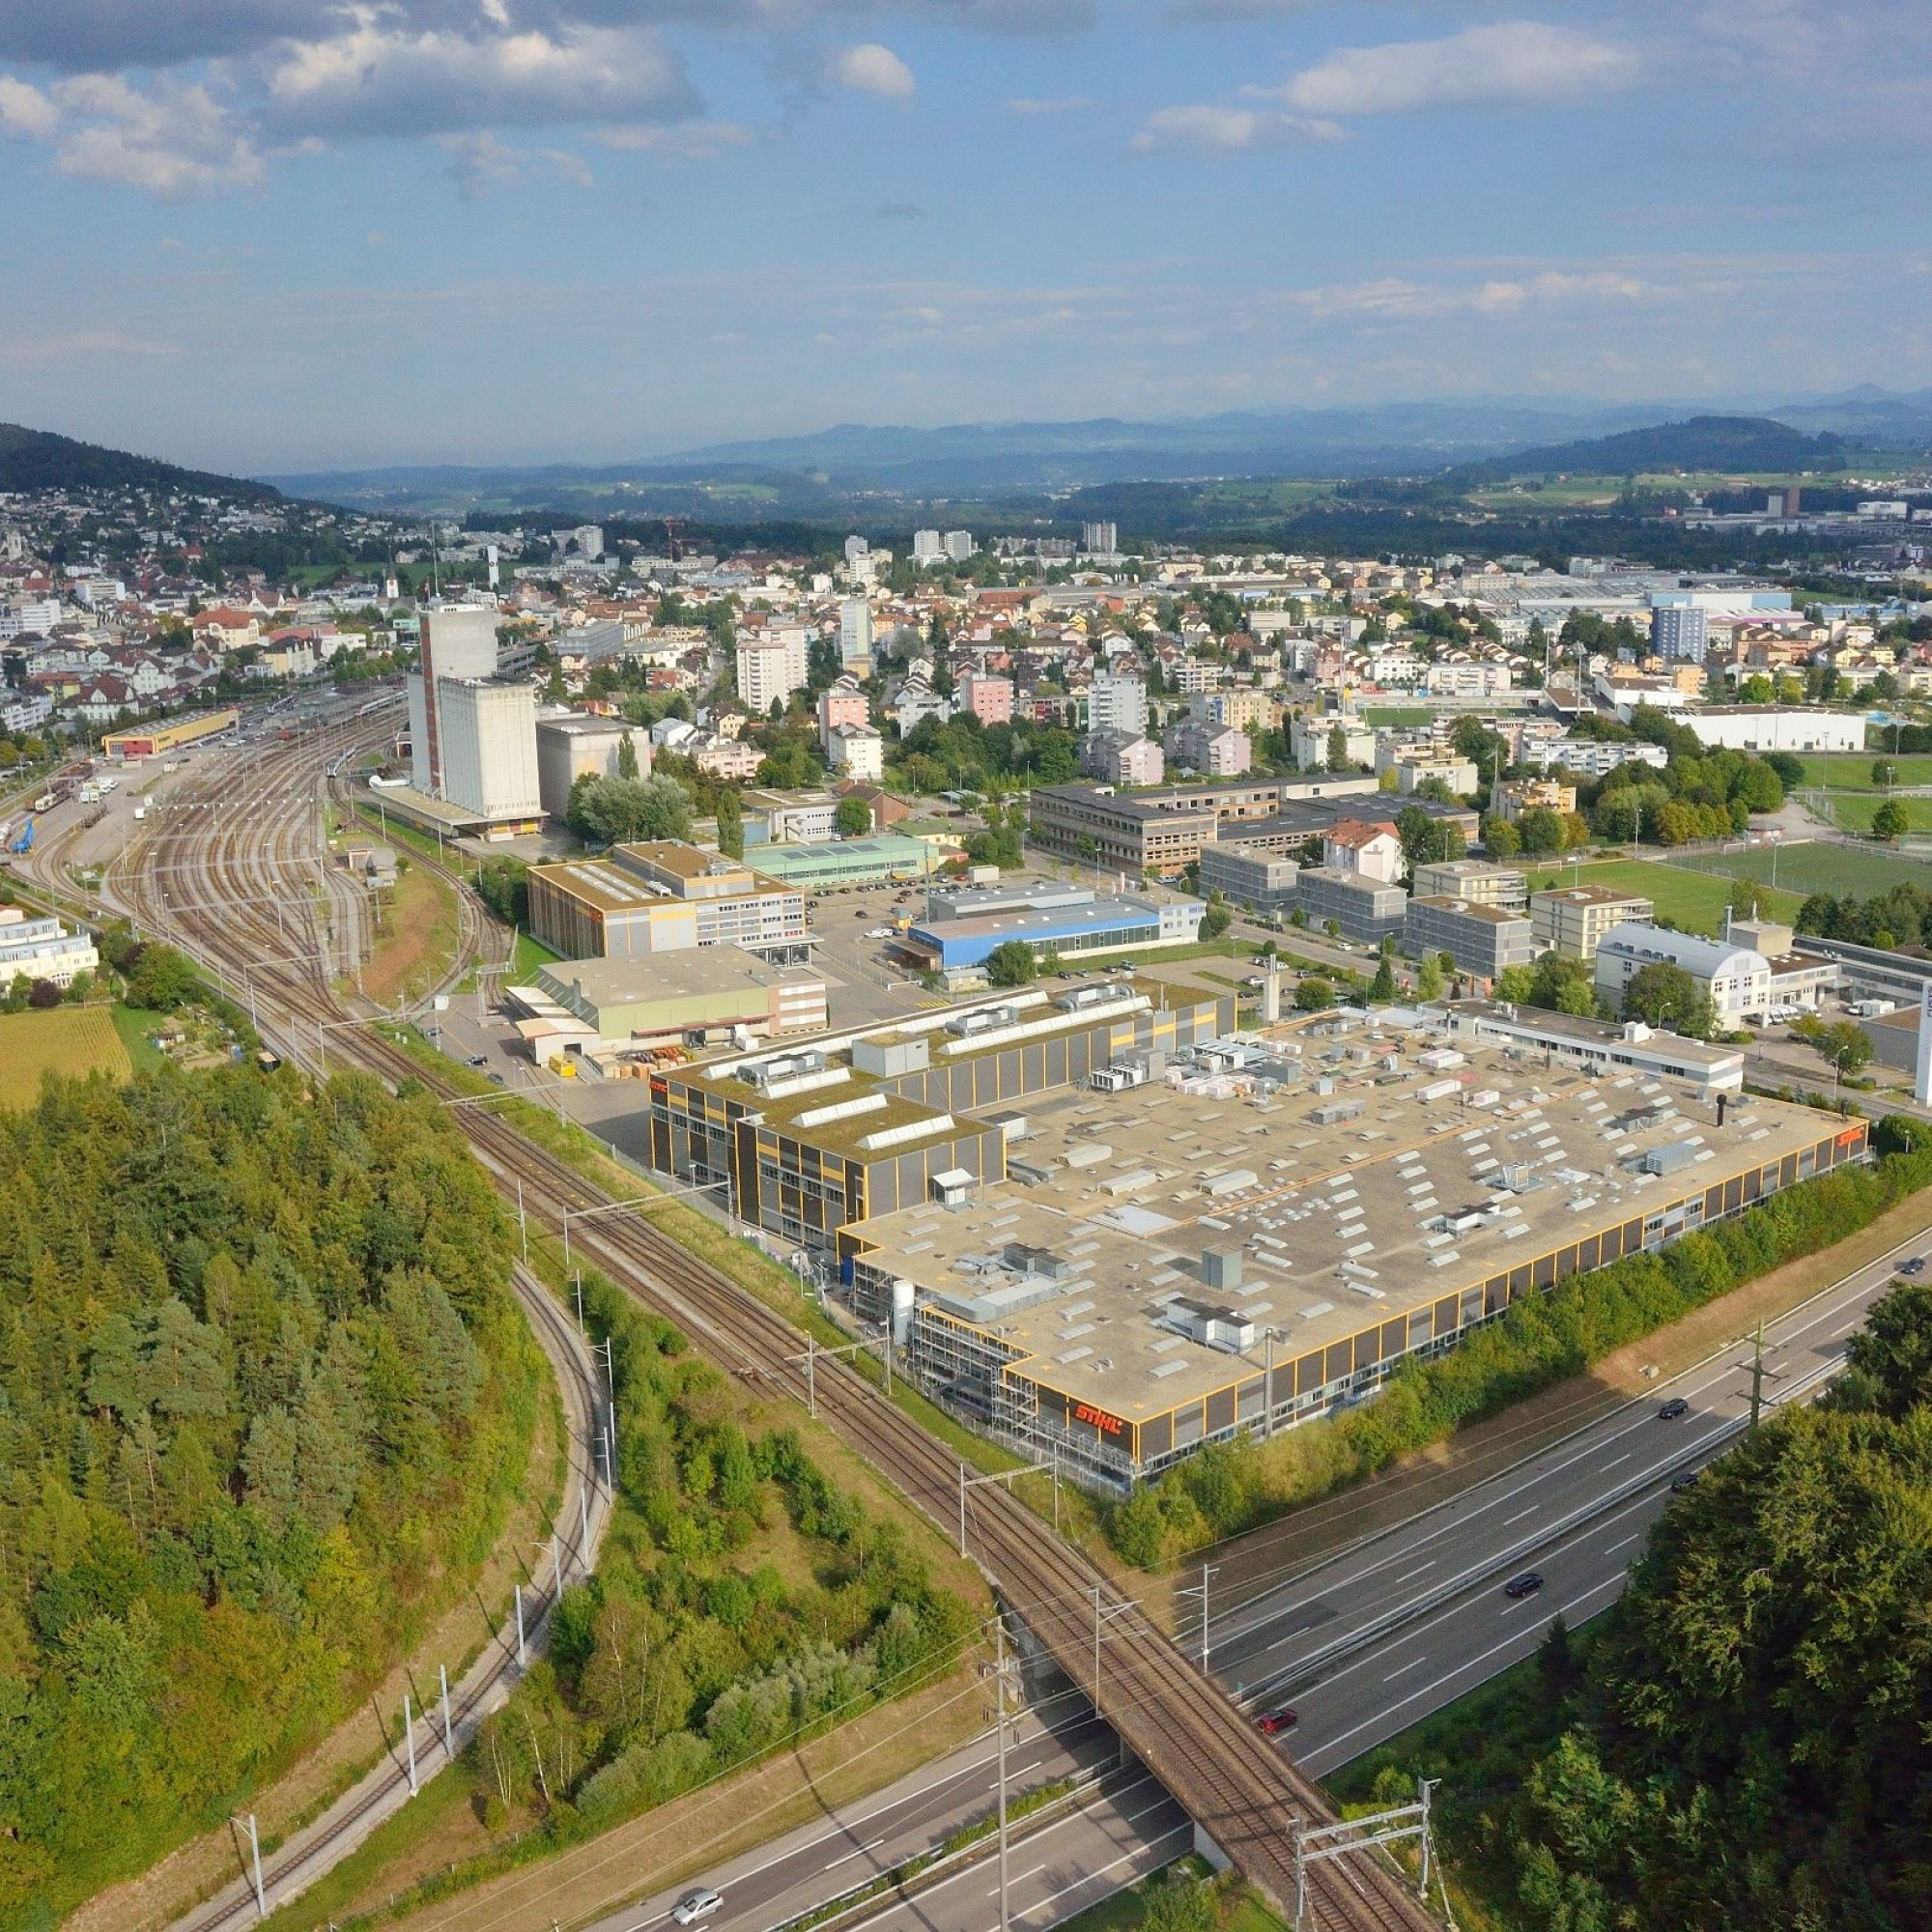 Neuer Autobahnanschluss und neue Bahnhaltestellen: Der interkantonale «EntwicklungsschwerpunktWil West» löst auch grosse Investitionen in die Infrastruktur aus.